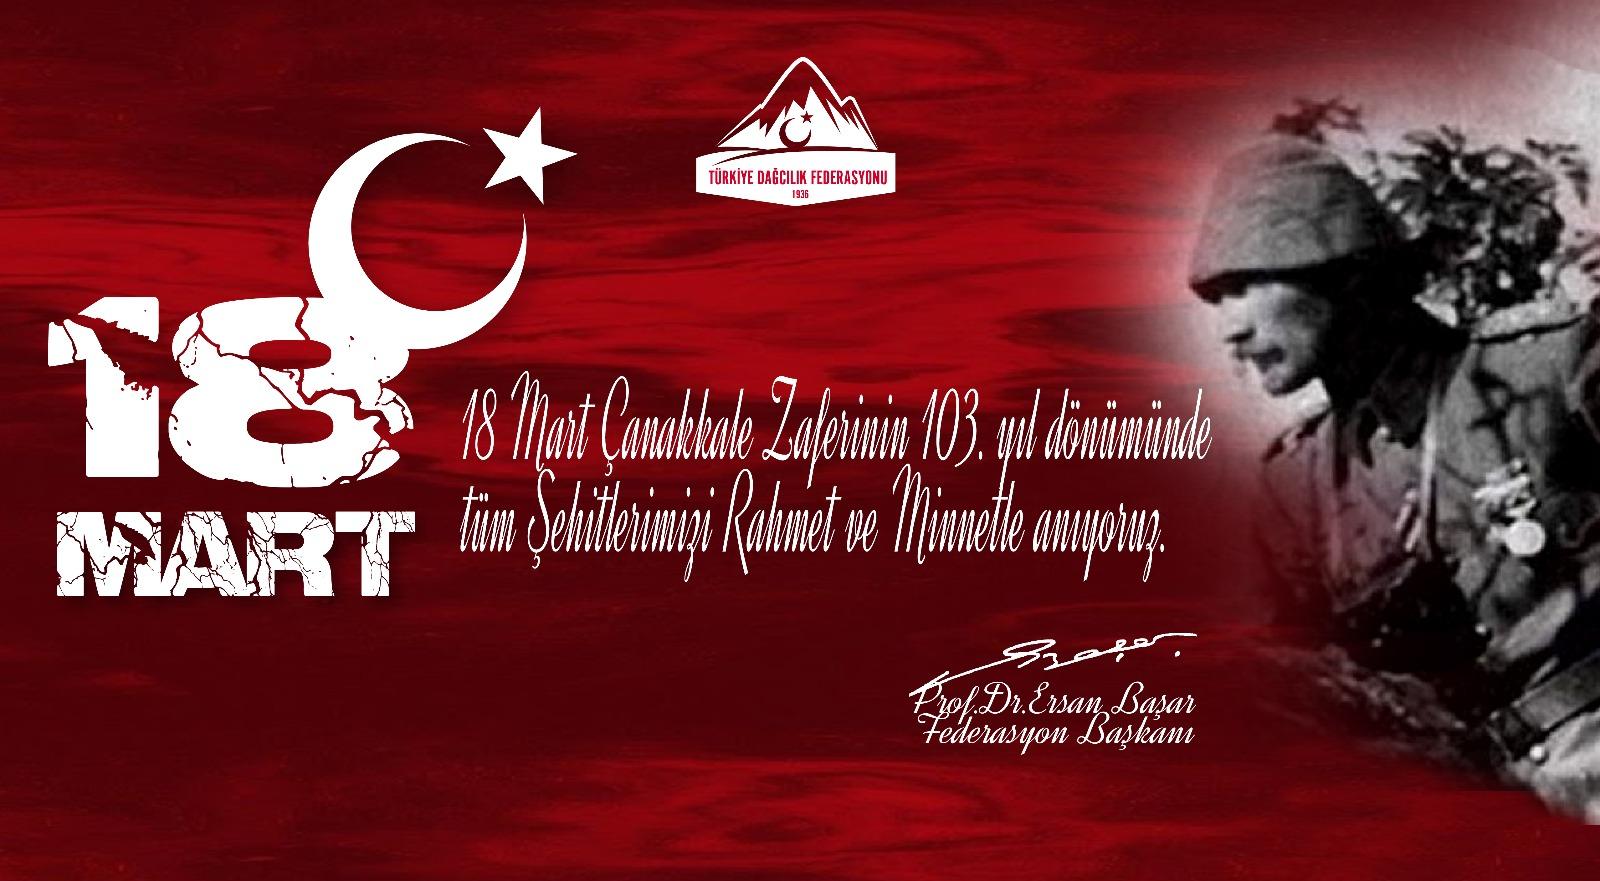 18 Mart Çanakkale ve Atatürk Resim